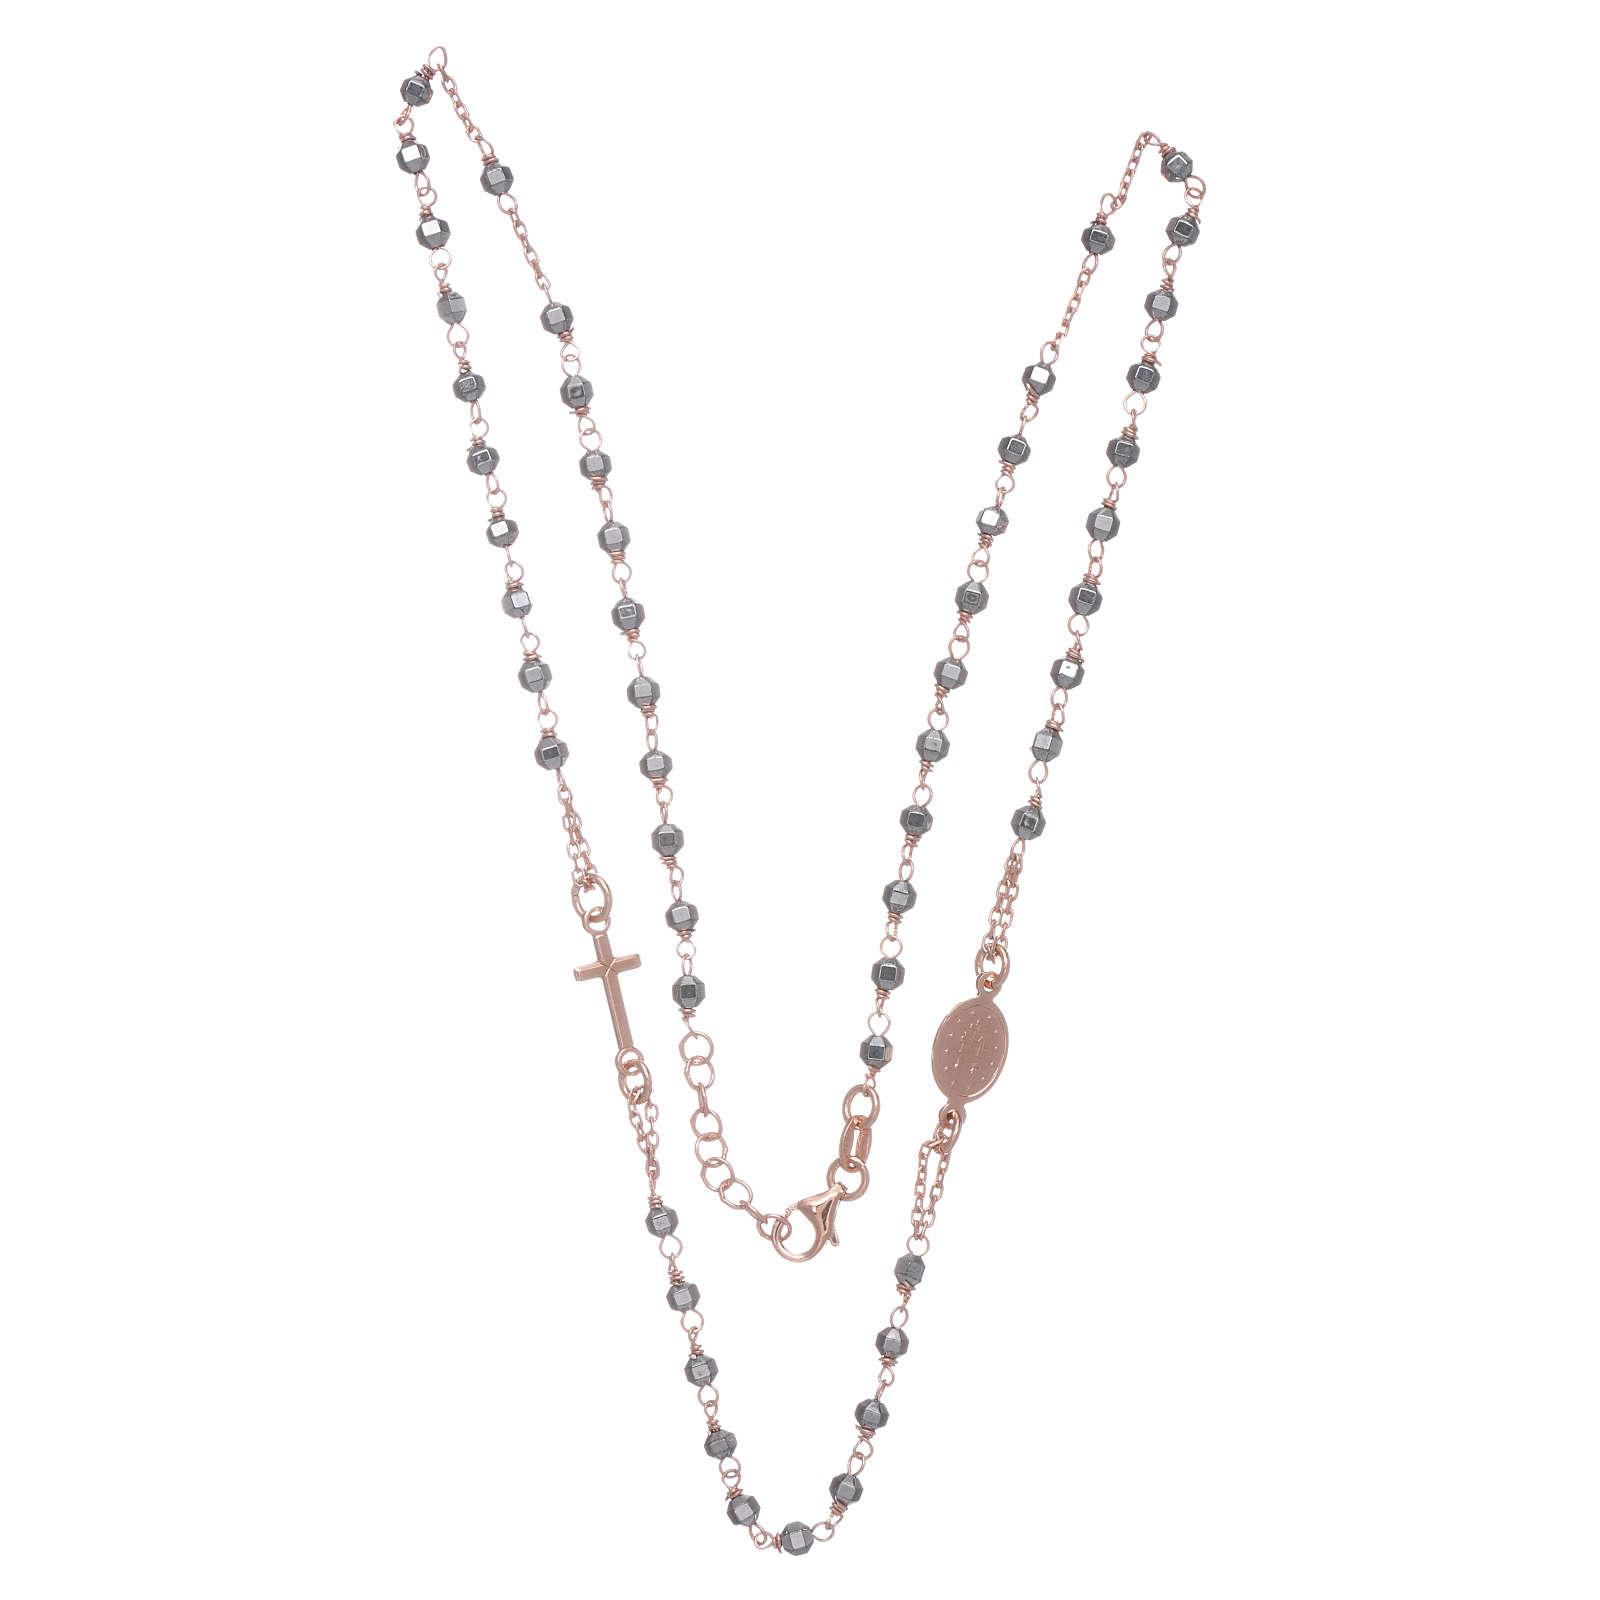 Chapelet tour de cou cuivré et perles hématite 3,7 mm 4